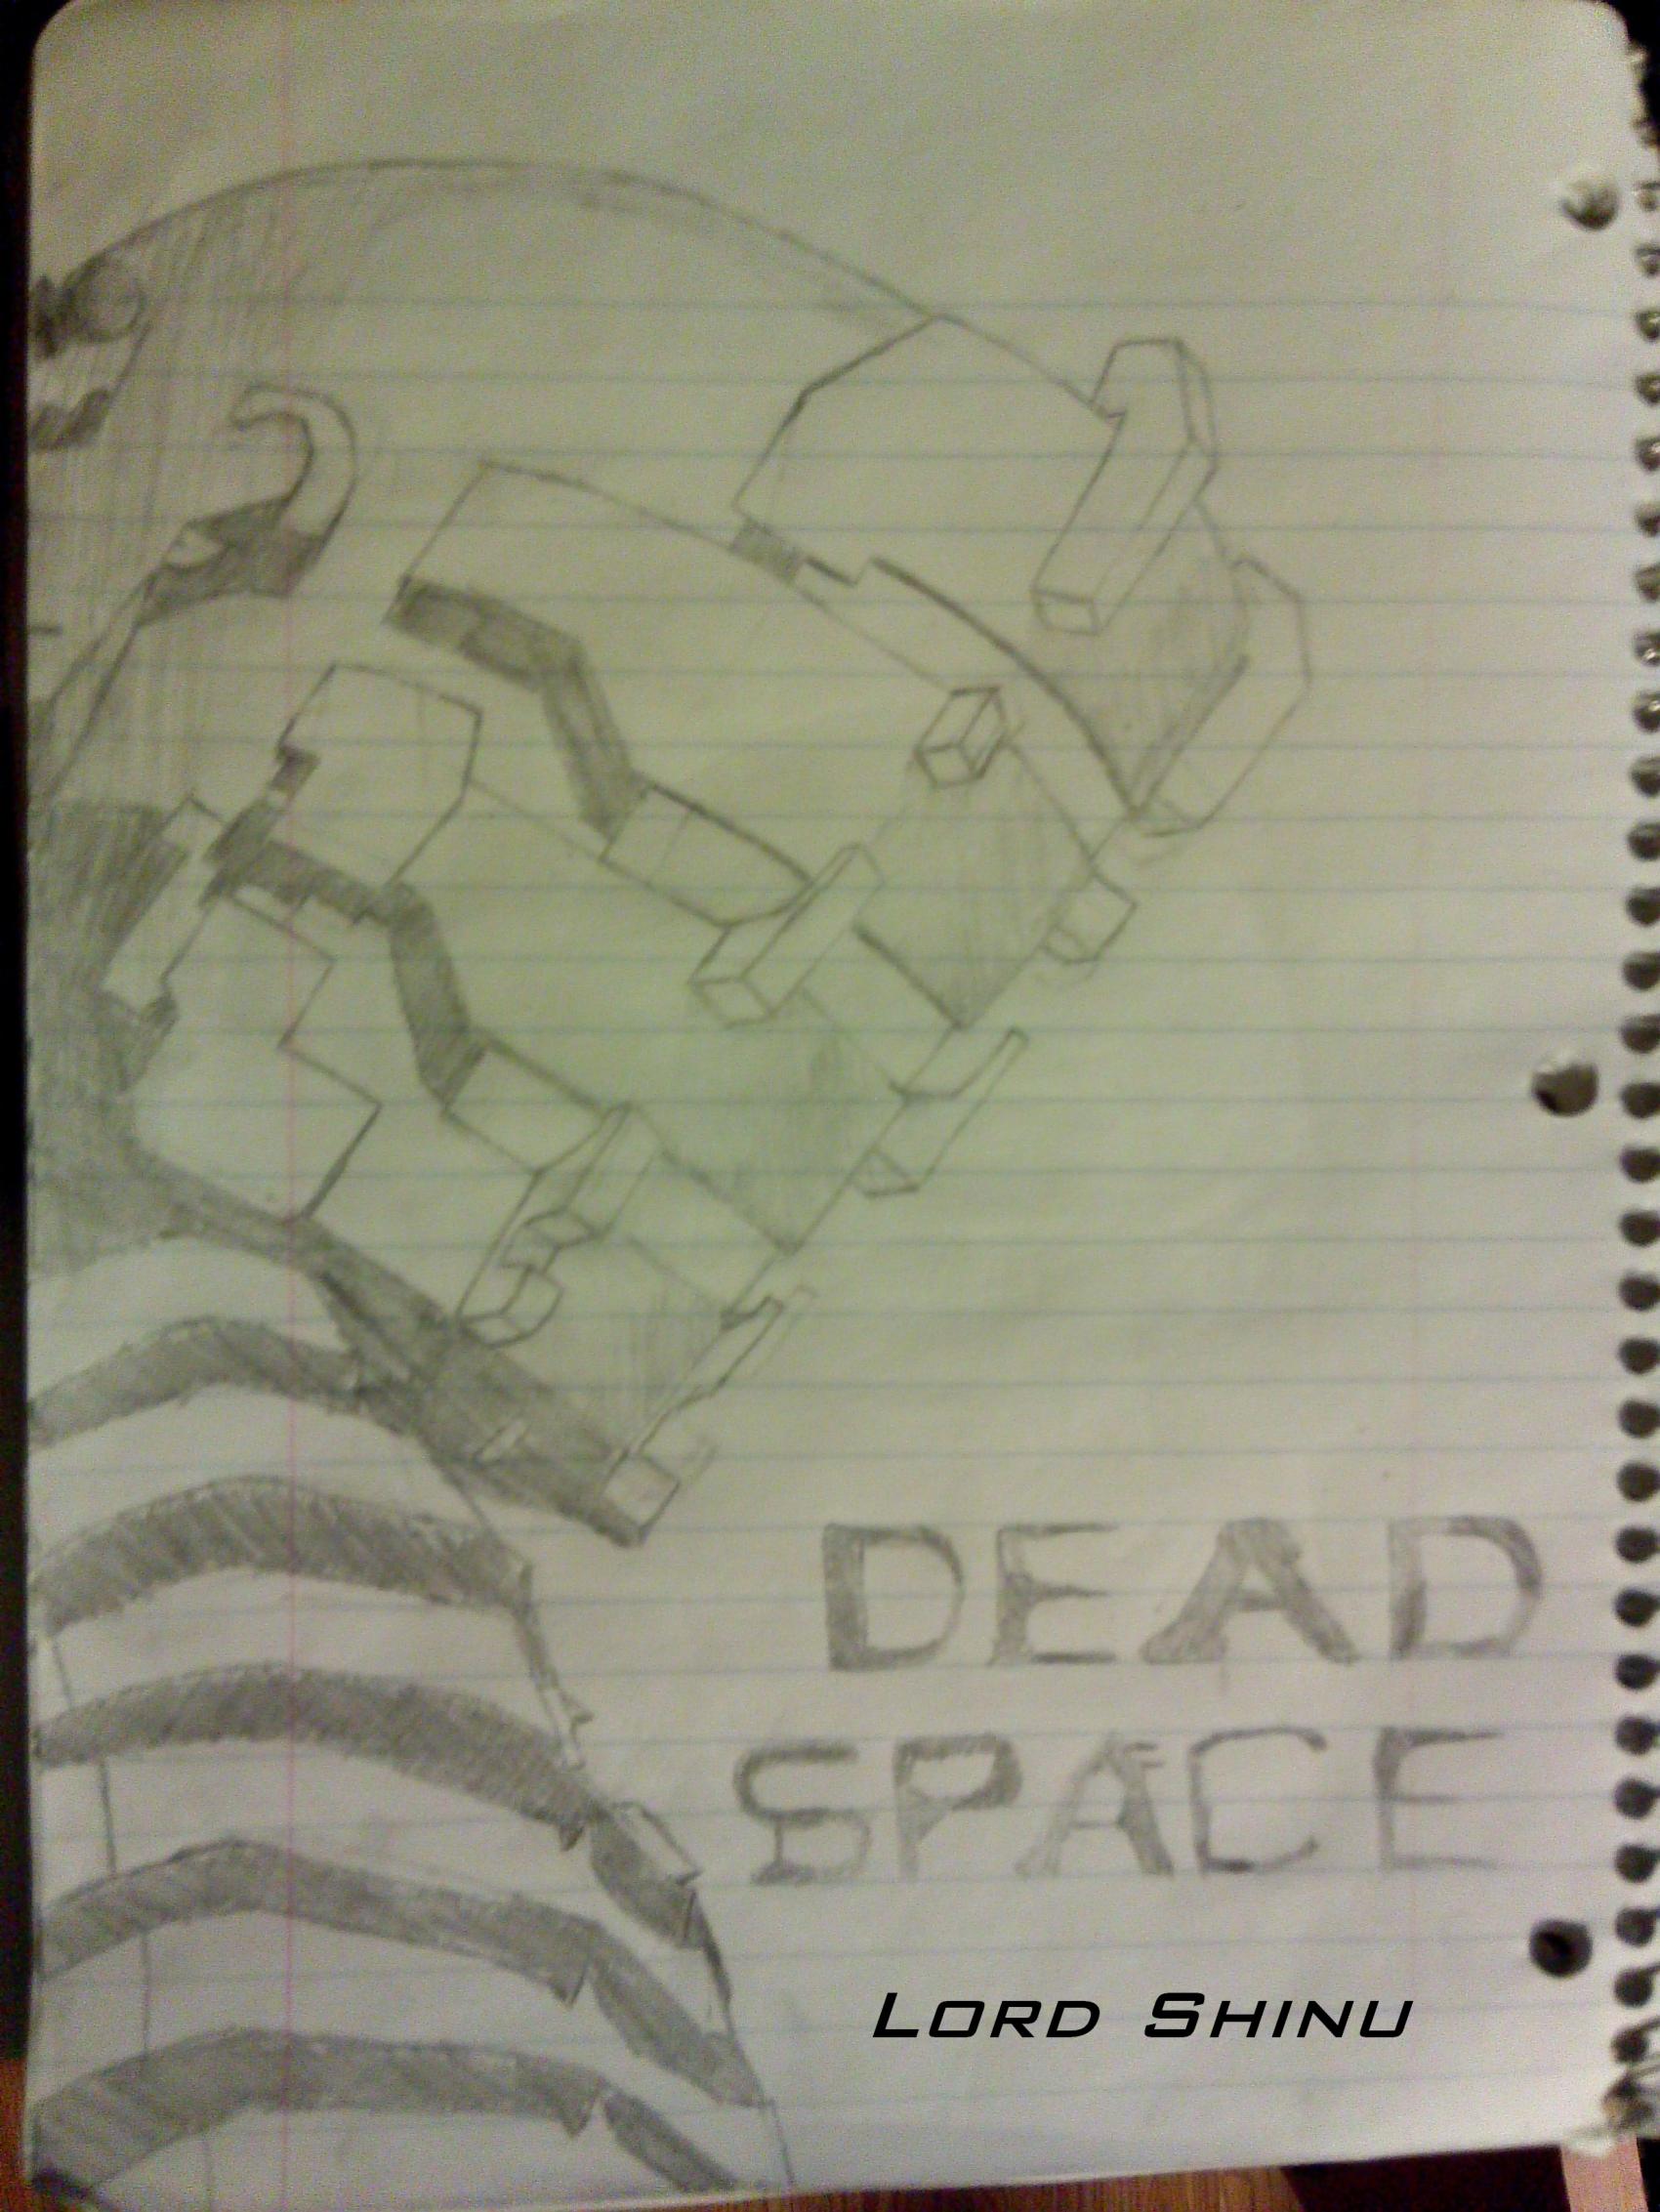 Dead Space Issac Clarke